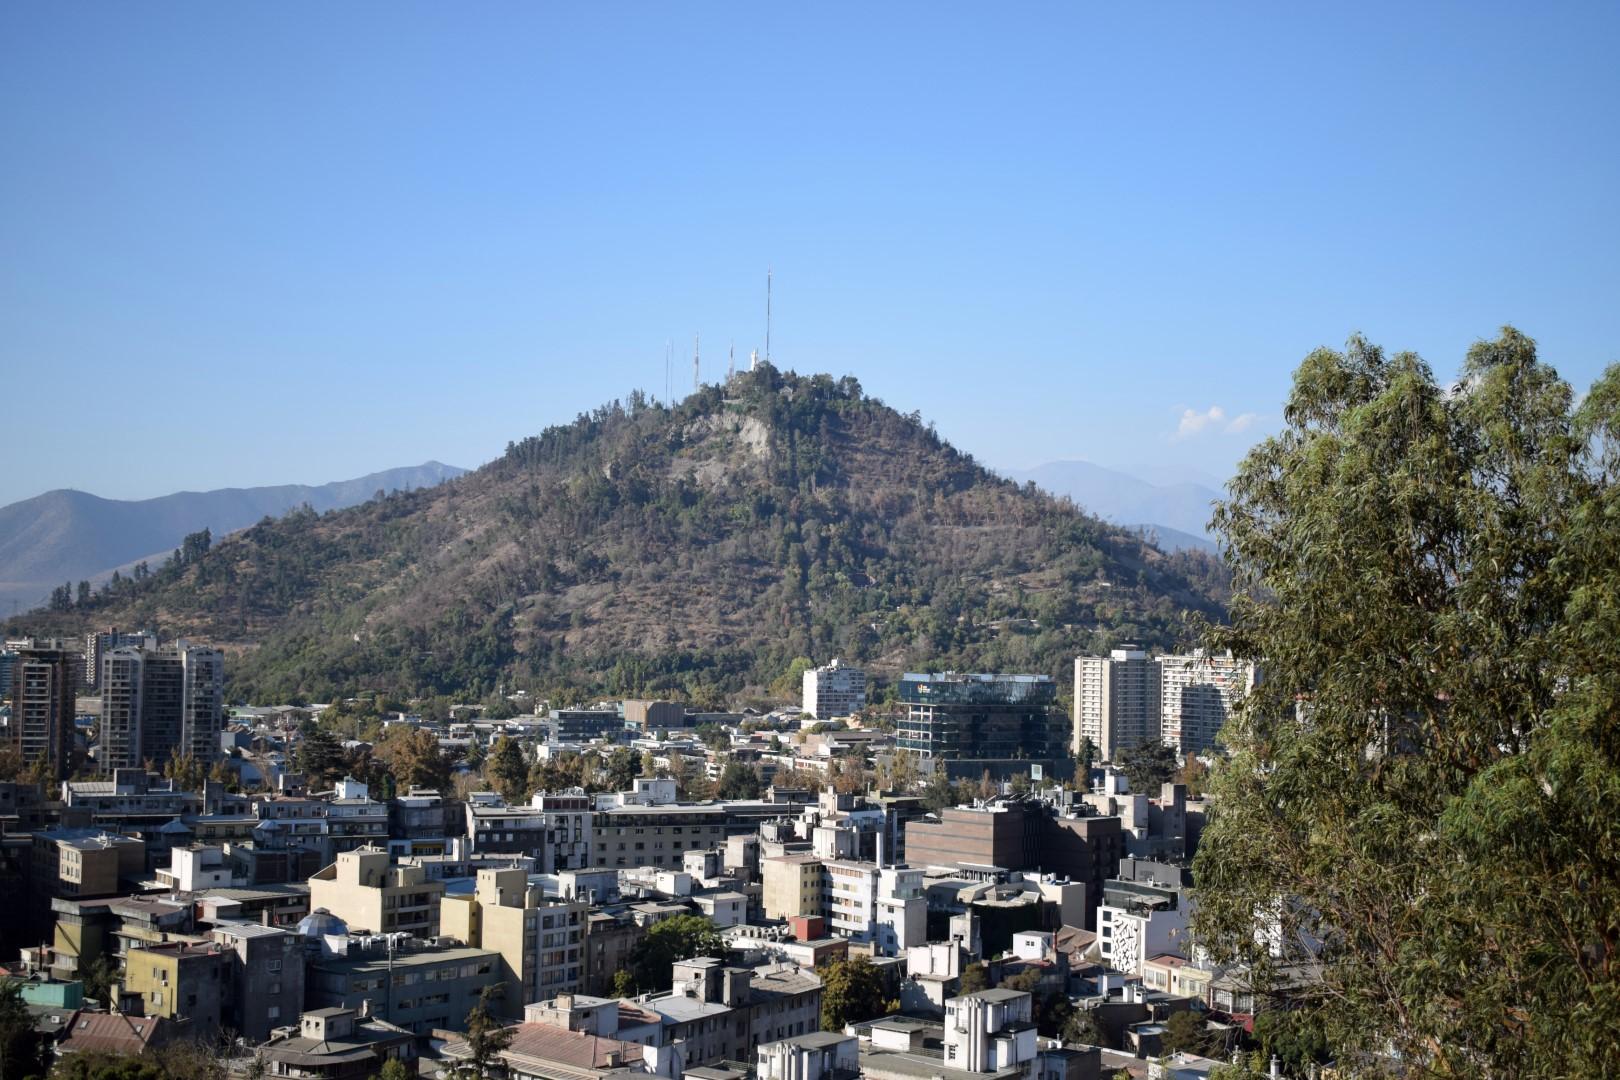 Santiago from the top of Cerro Santa Lucía